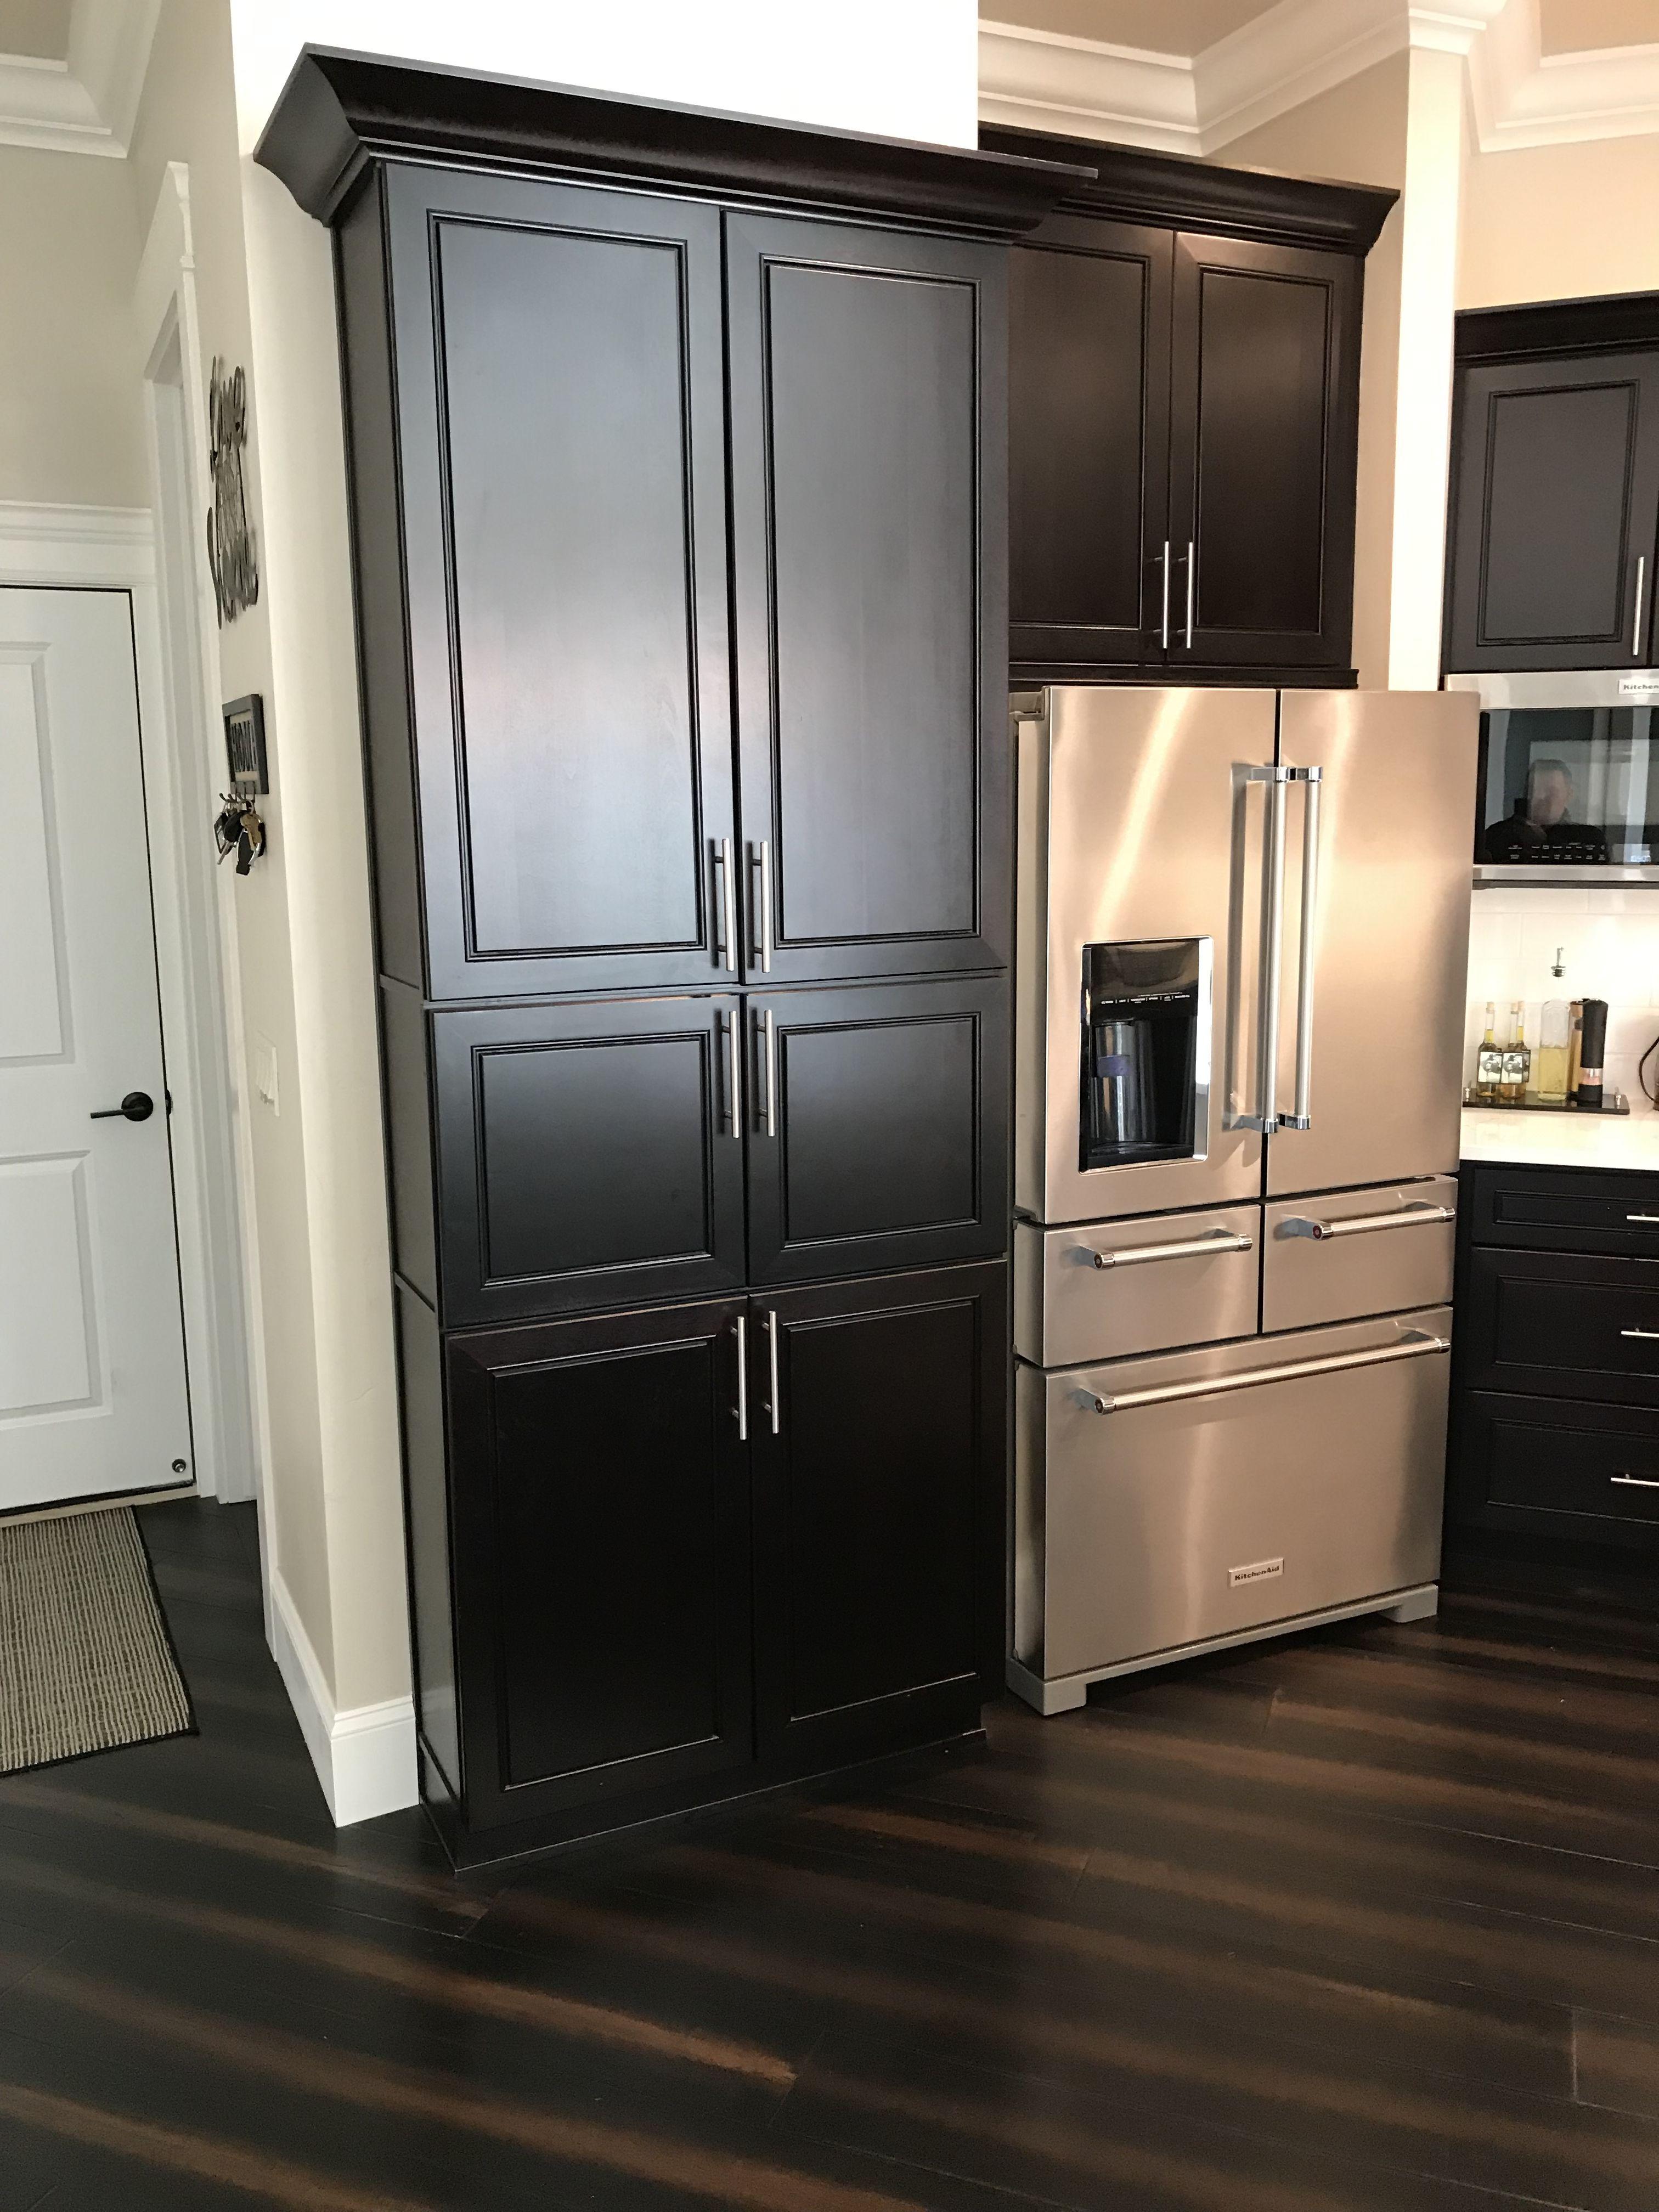 Black Cabinet And White Quartz Countertops In 2020 White Quartz Countertop Black Kitchens Black Cabinets